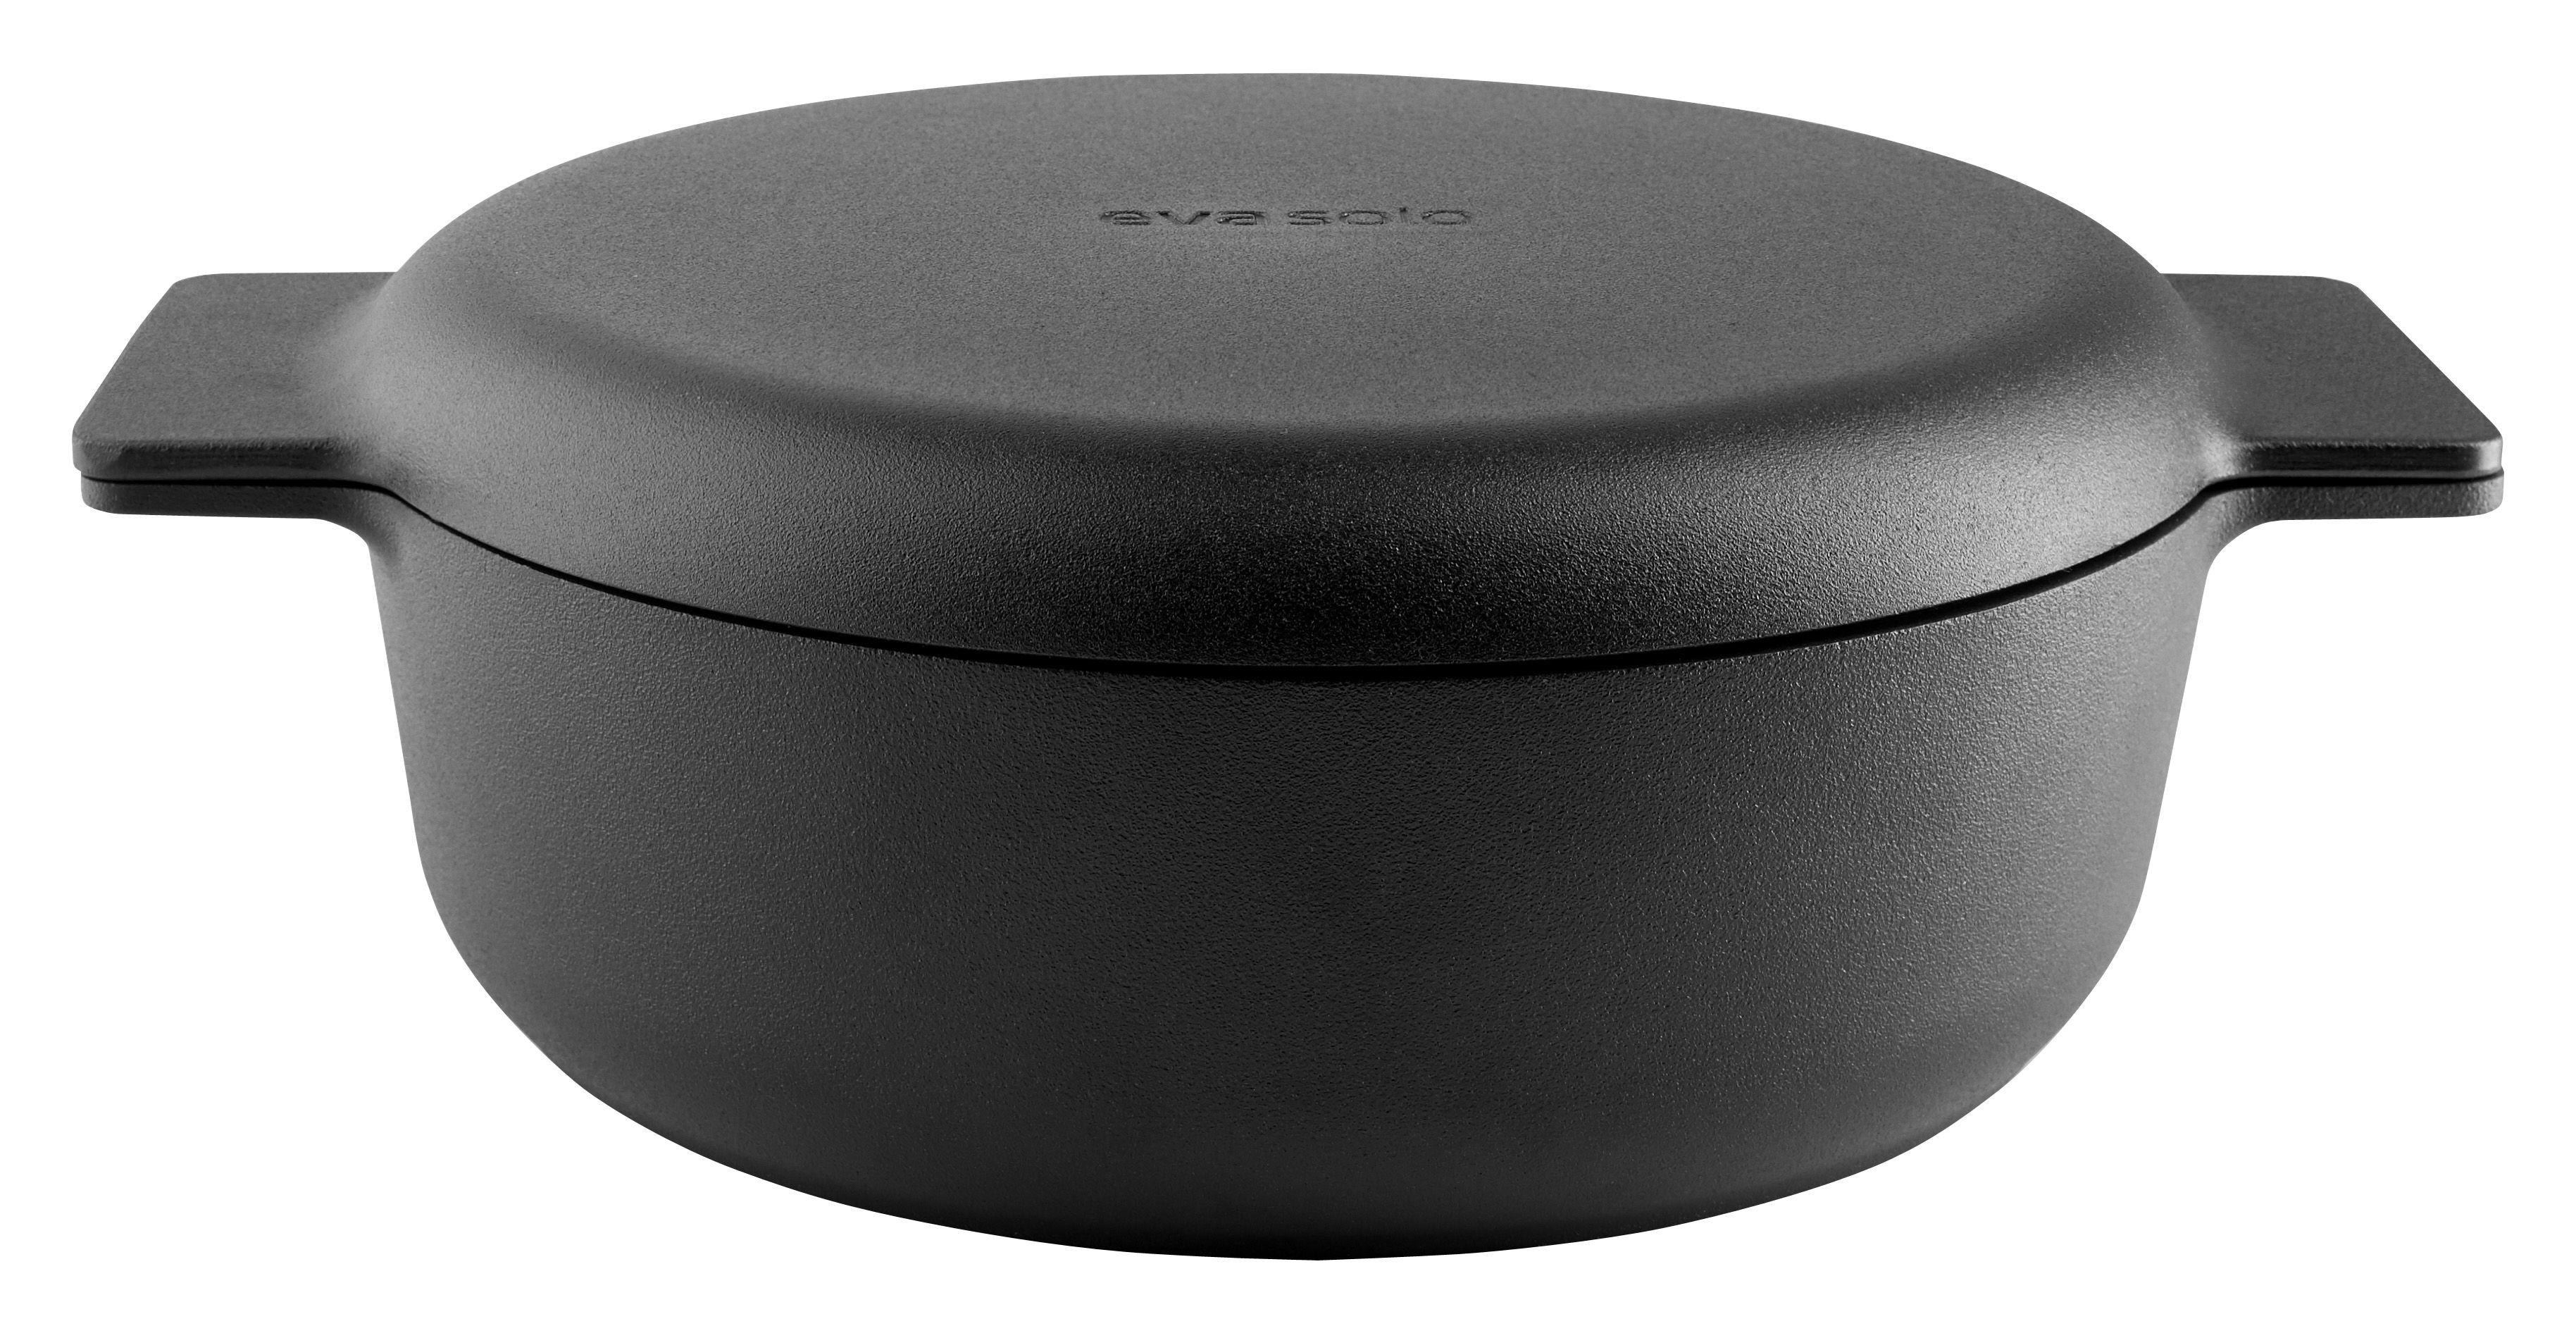 Kitchenware - Pots & Pans - Nordic kitchen 2,5L Stew pot - / Cast aluminium - All heat sources by Eva Solo - Mat black - Cast aluminium